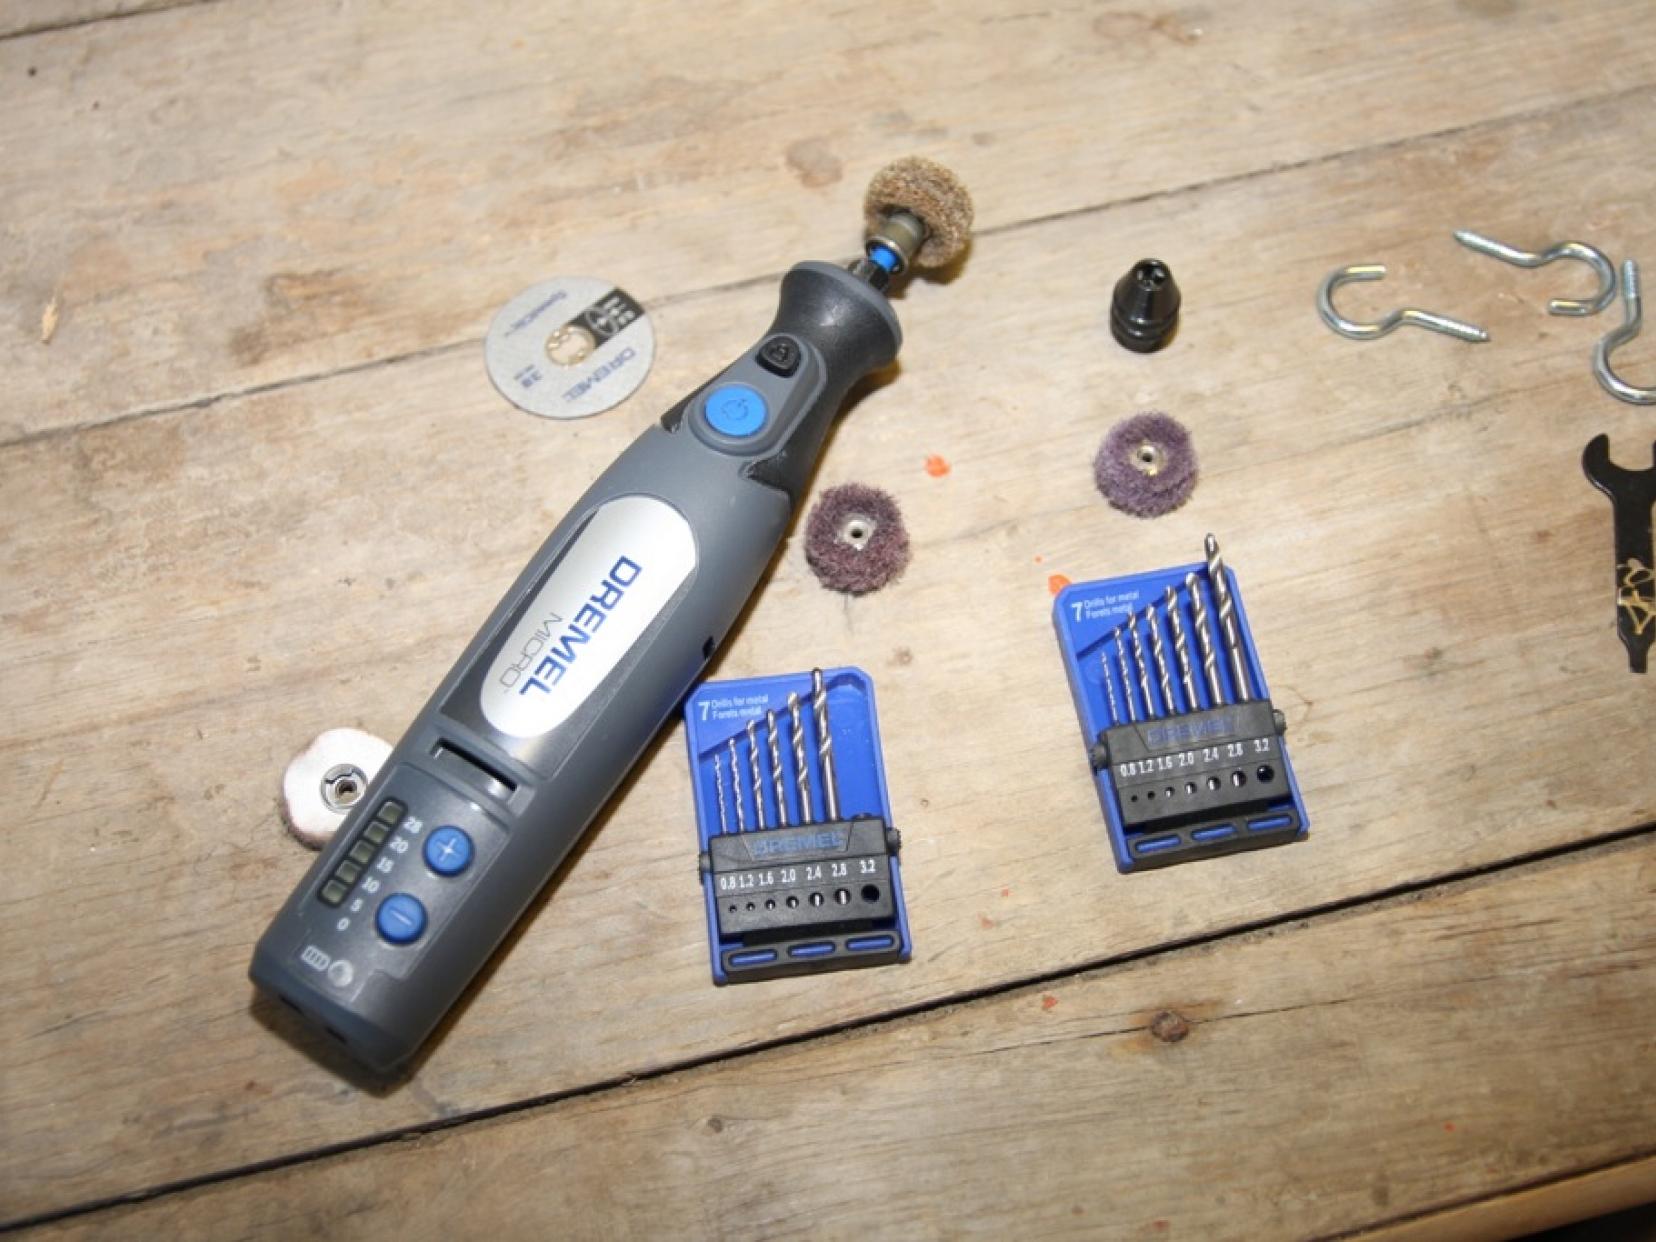 dremel complète sa gamme d'outils multifonctions avec le dremel